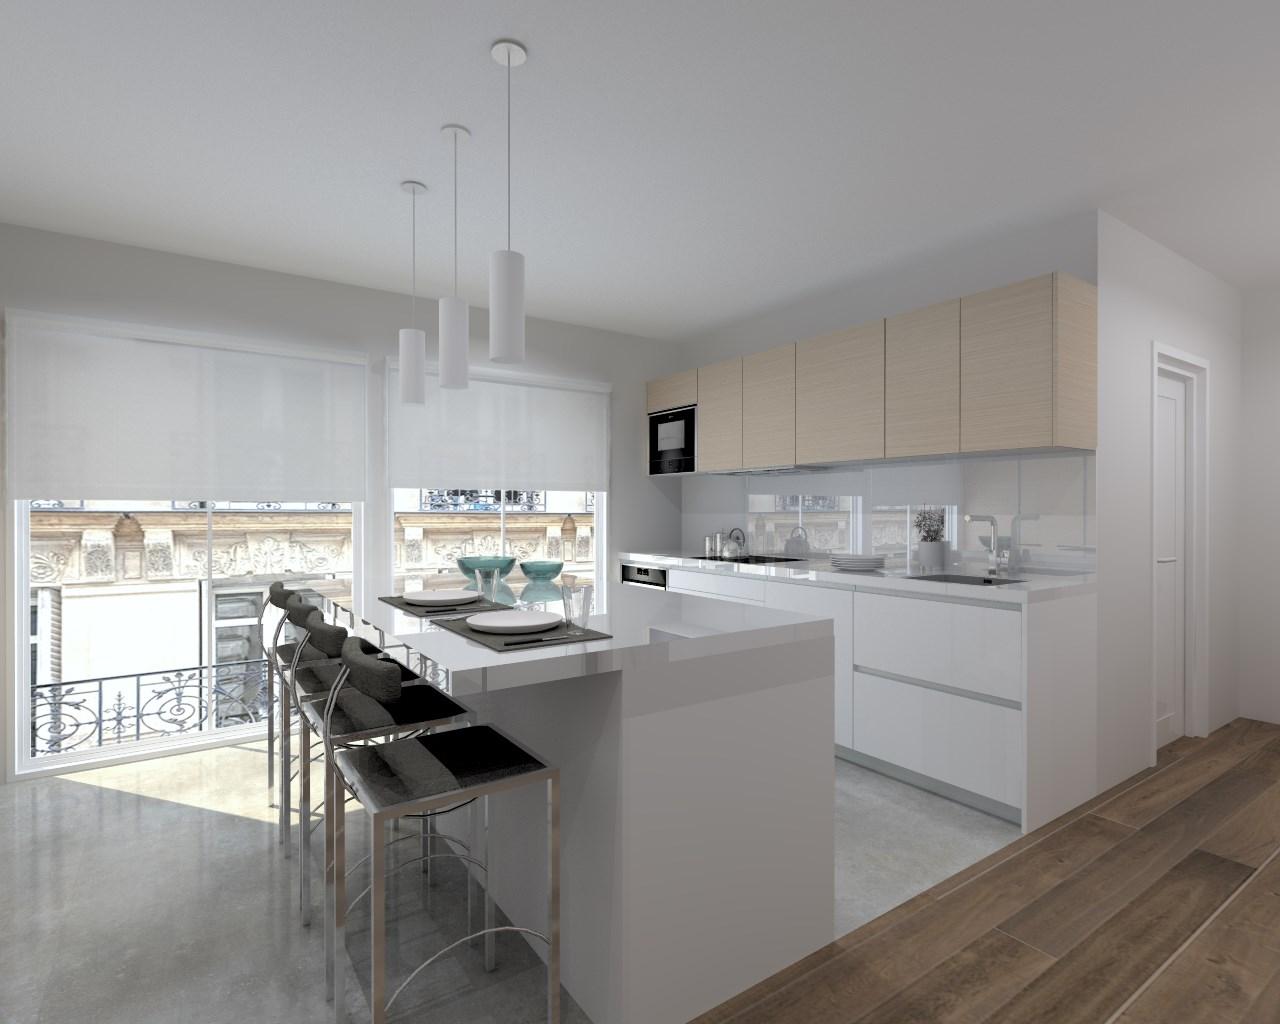 Encimera granito blanco macael simple cocina con isla en - Encimera granito blanco ...